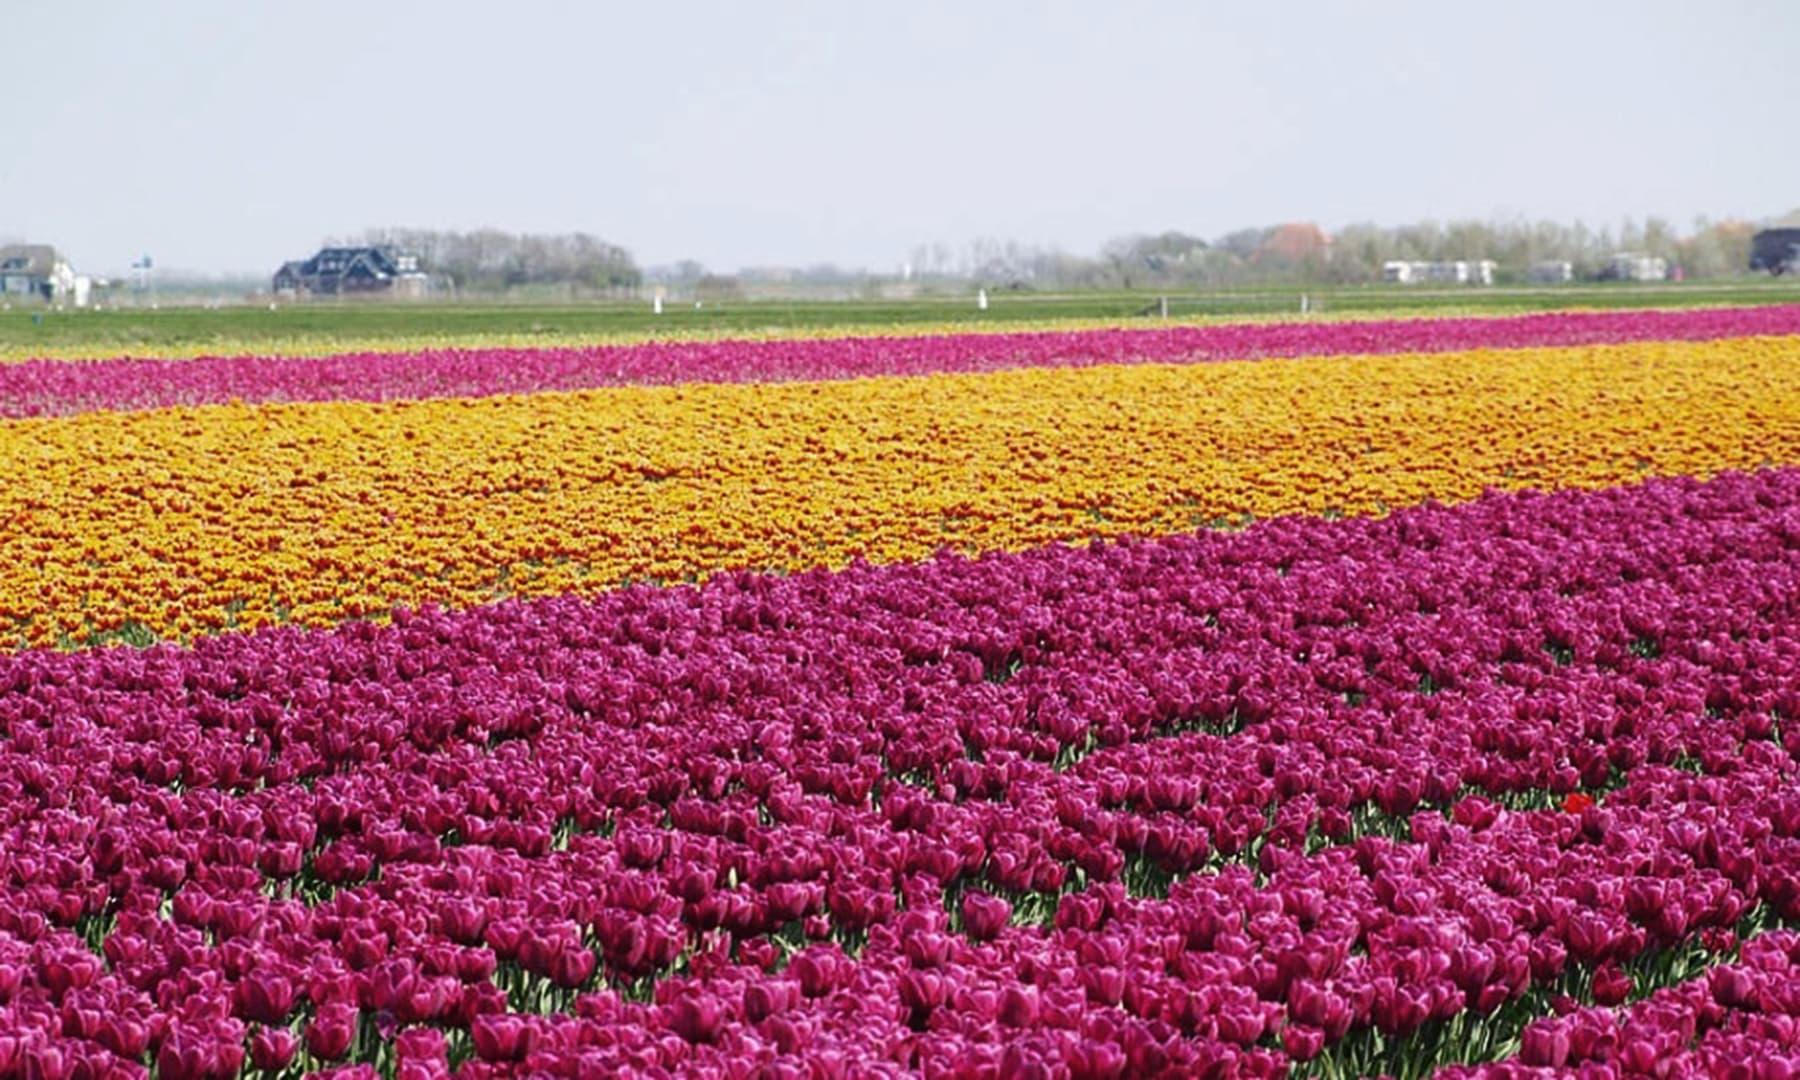 ہالینڈ کے امراء، تعلیم اور مراعات یافتہ طبقے کے باغیچوں میں اس پھول کو رکھنا باعث عزت سمجھتے تھے